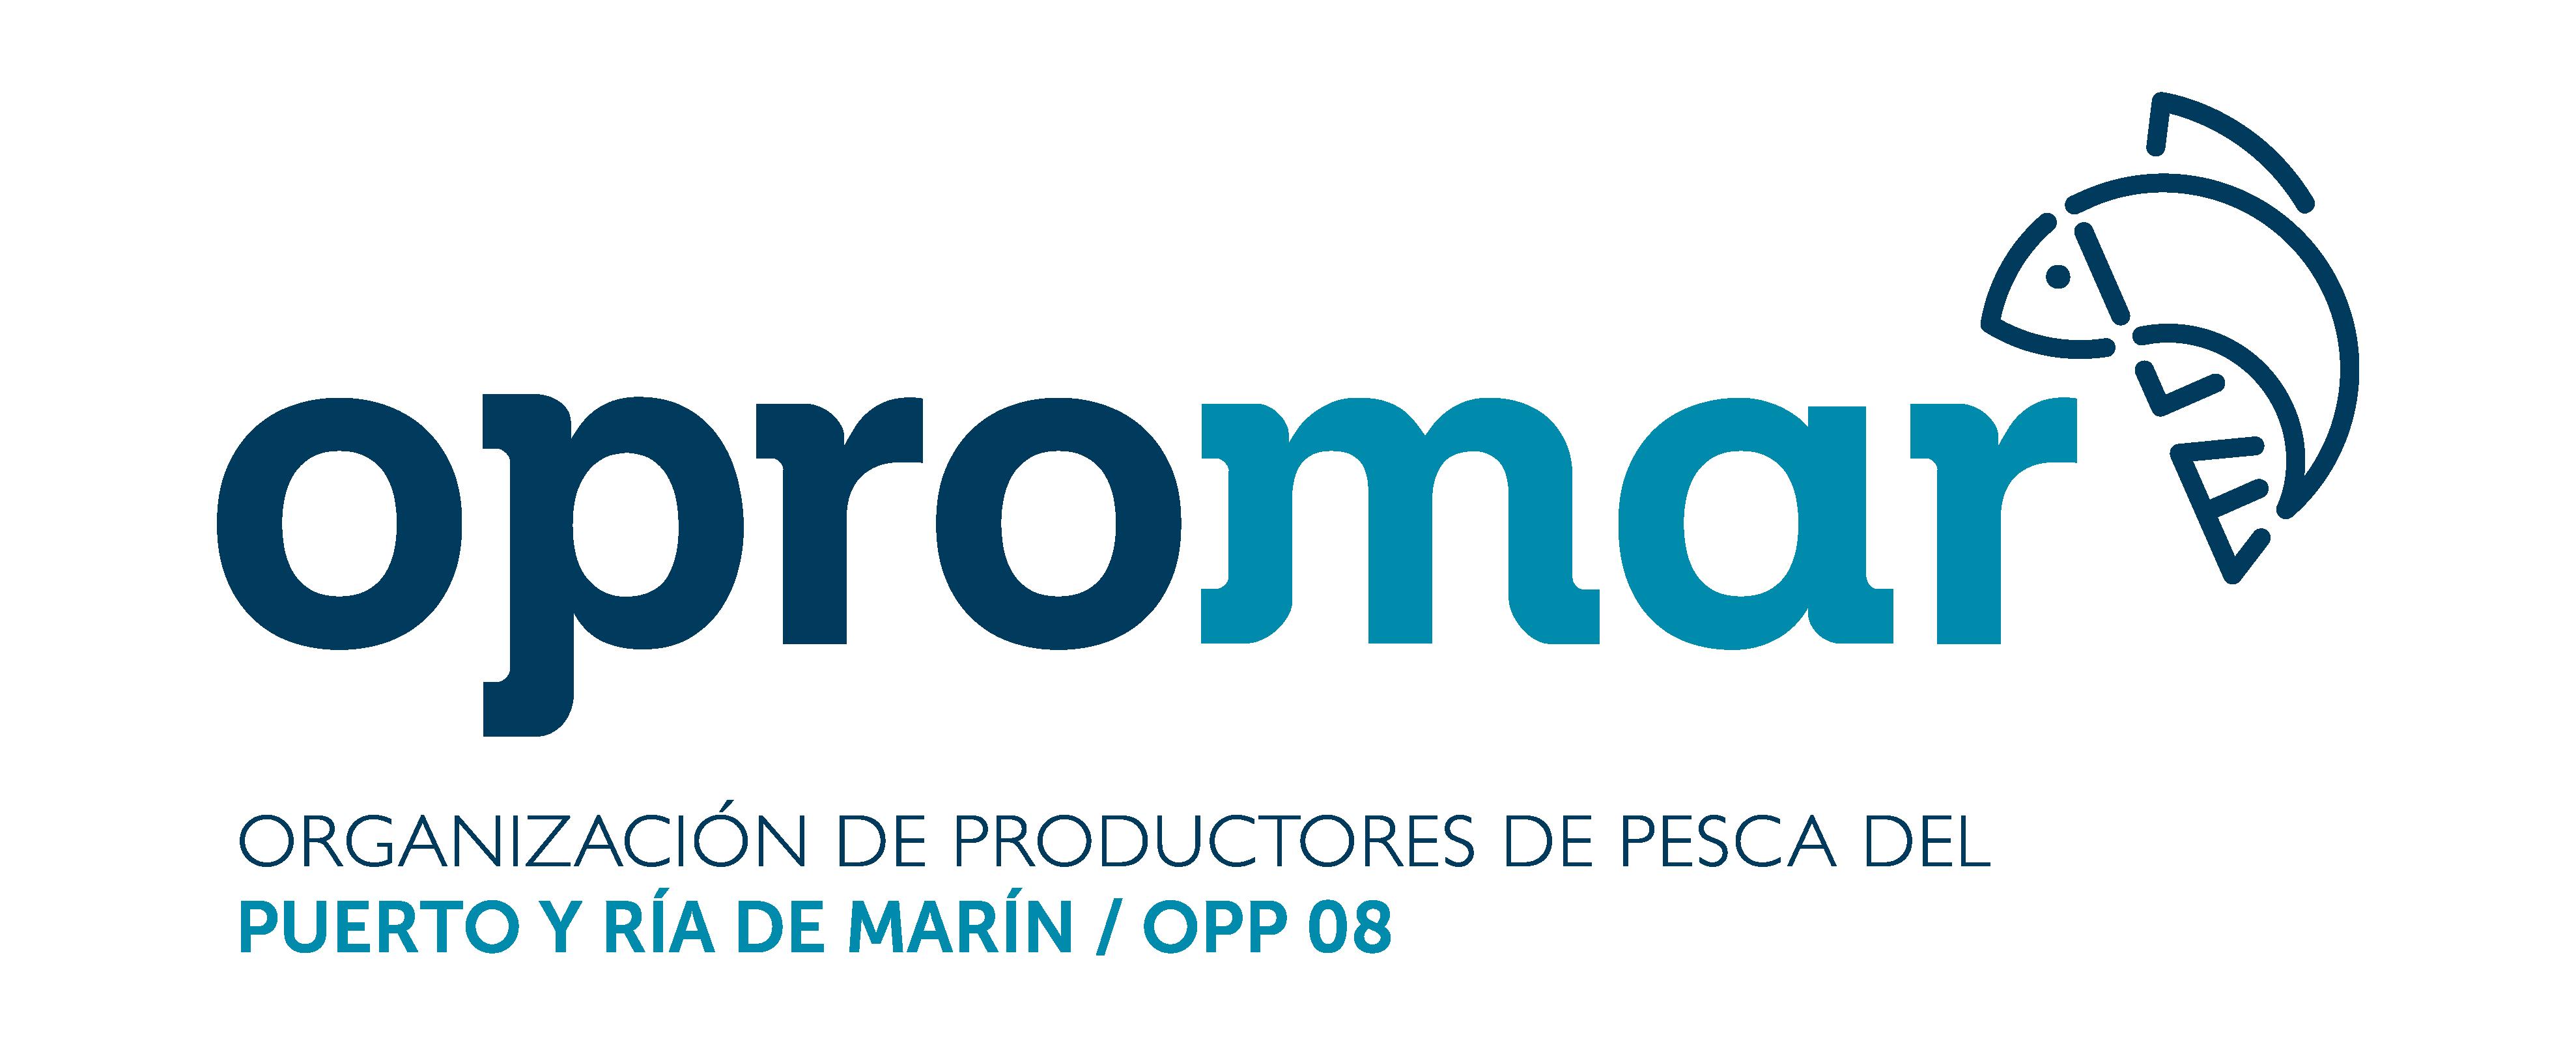 Organización de productores de pesca del puerto y ría de Marín